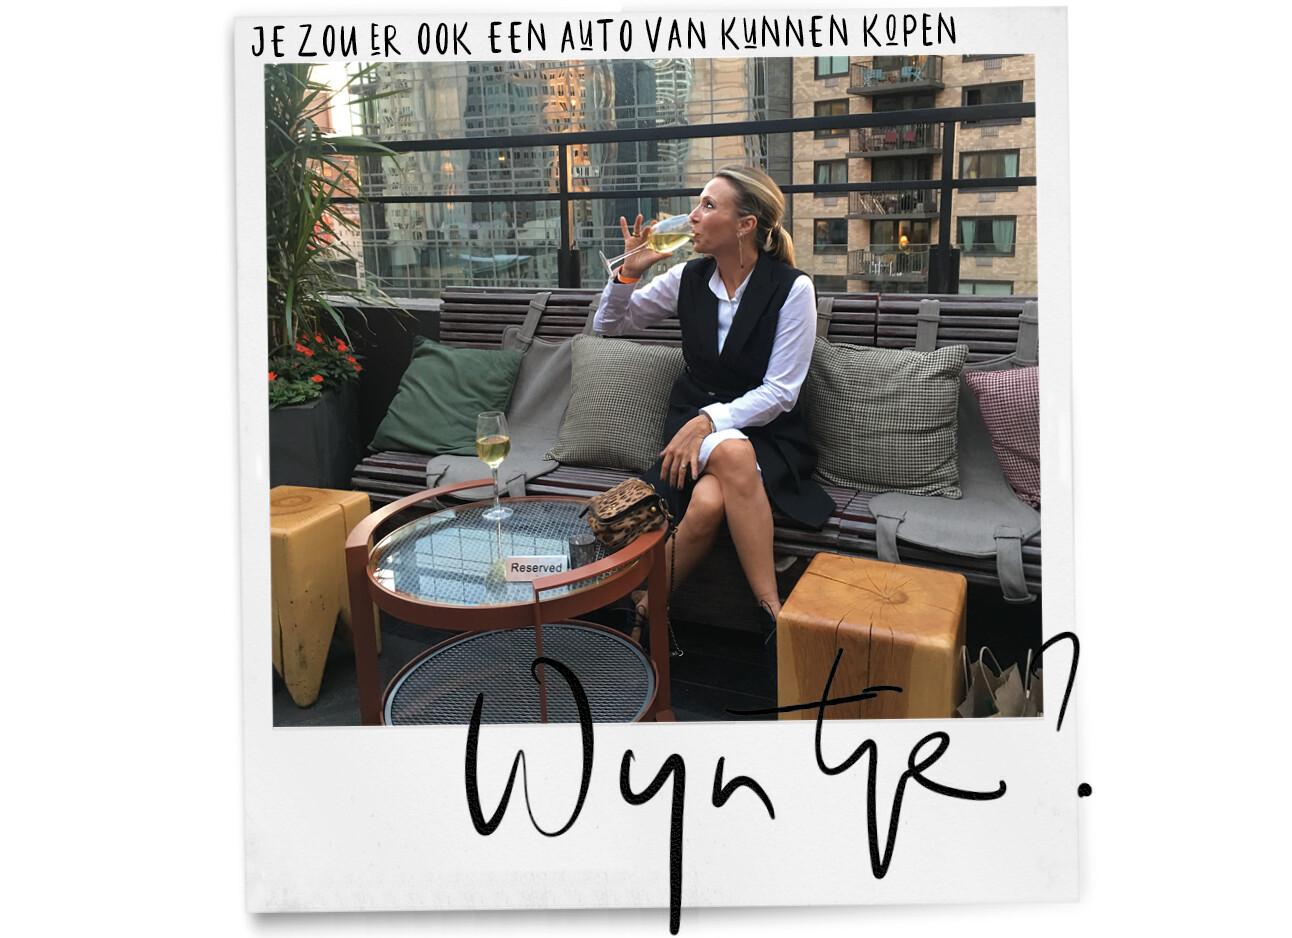 May wijn drinken De 5 duurste wijnen van de wereld